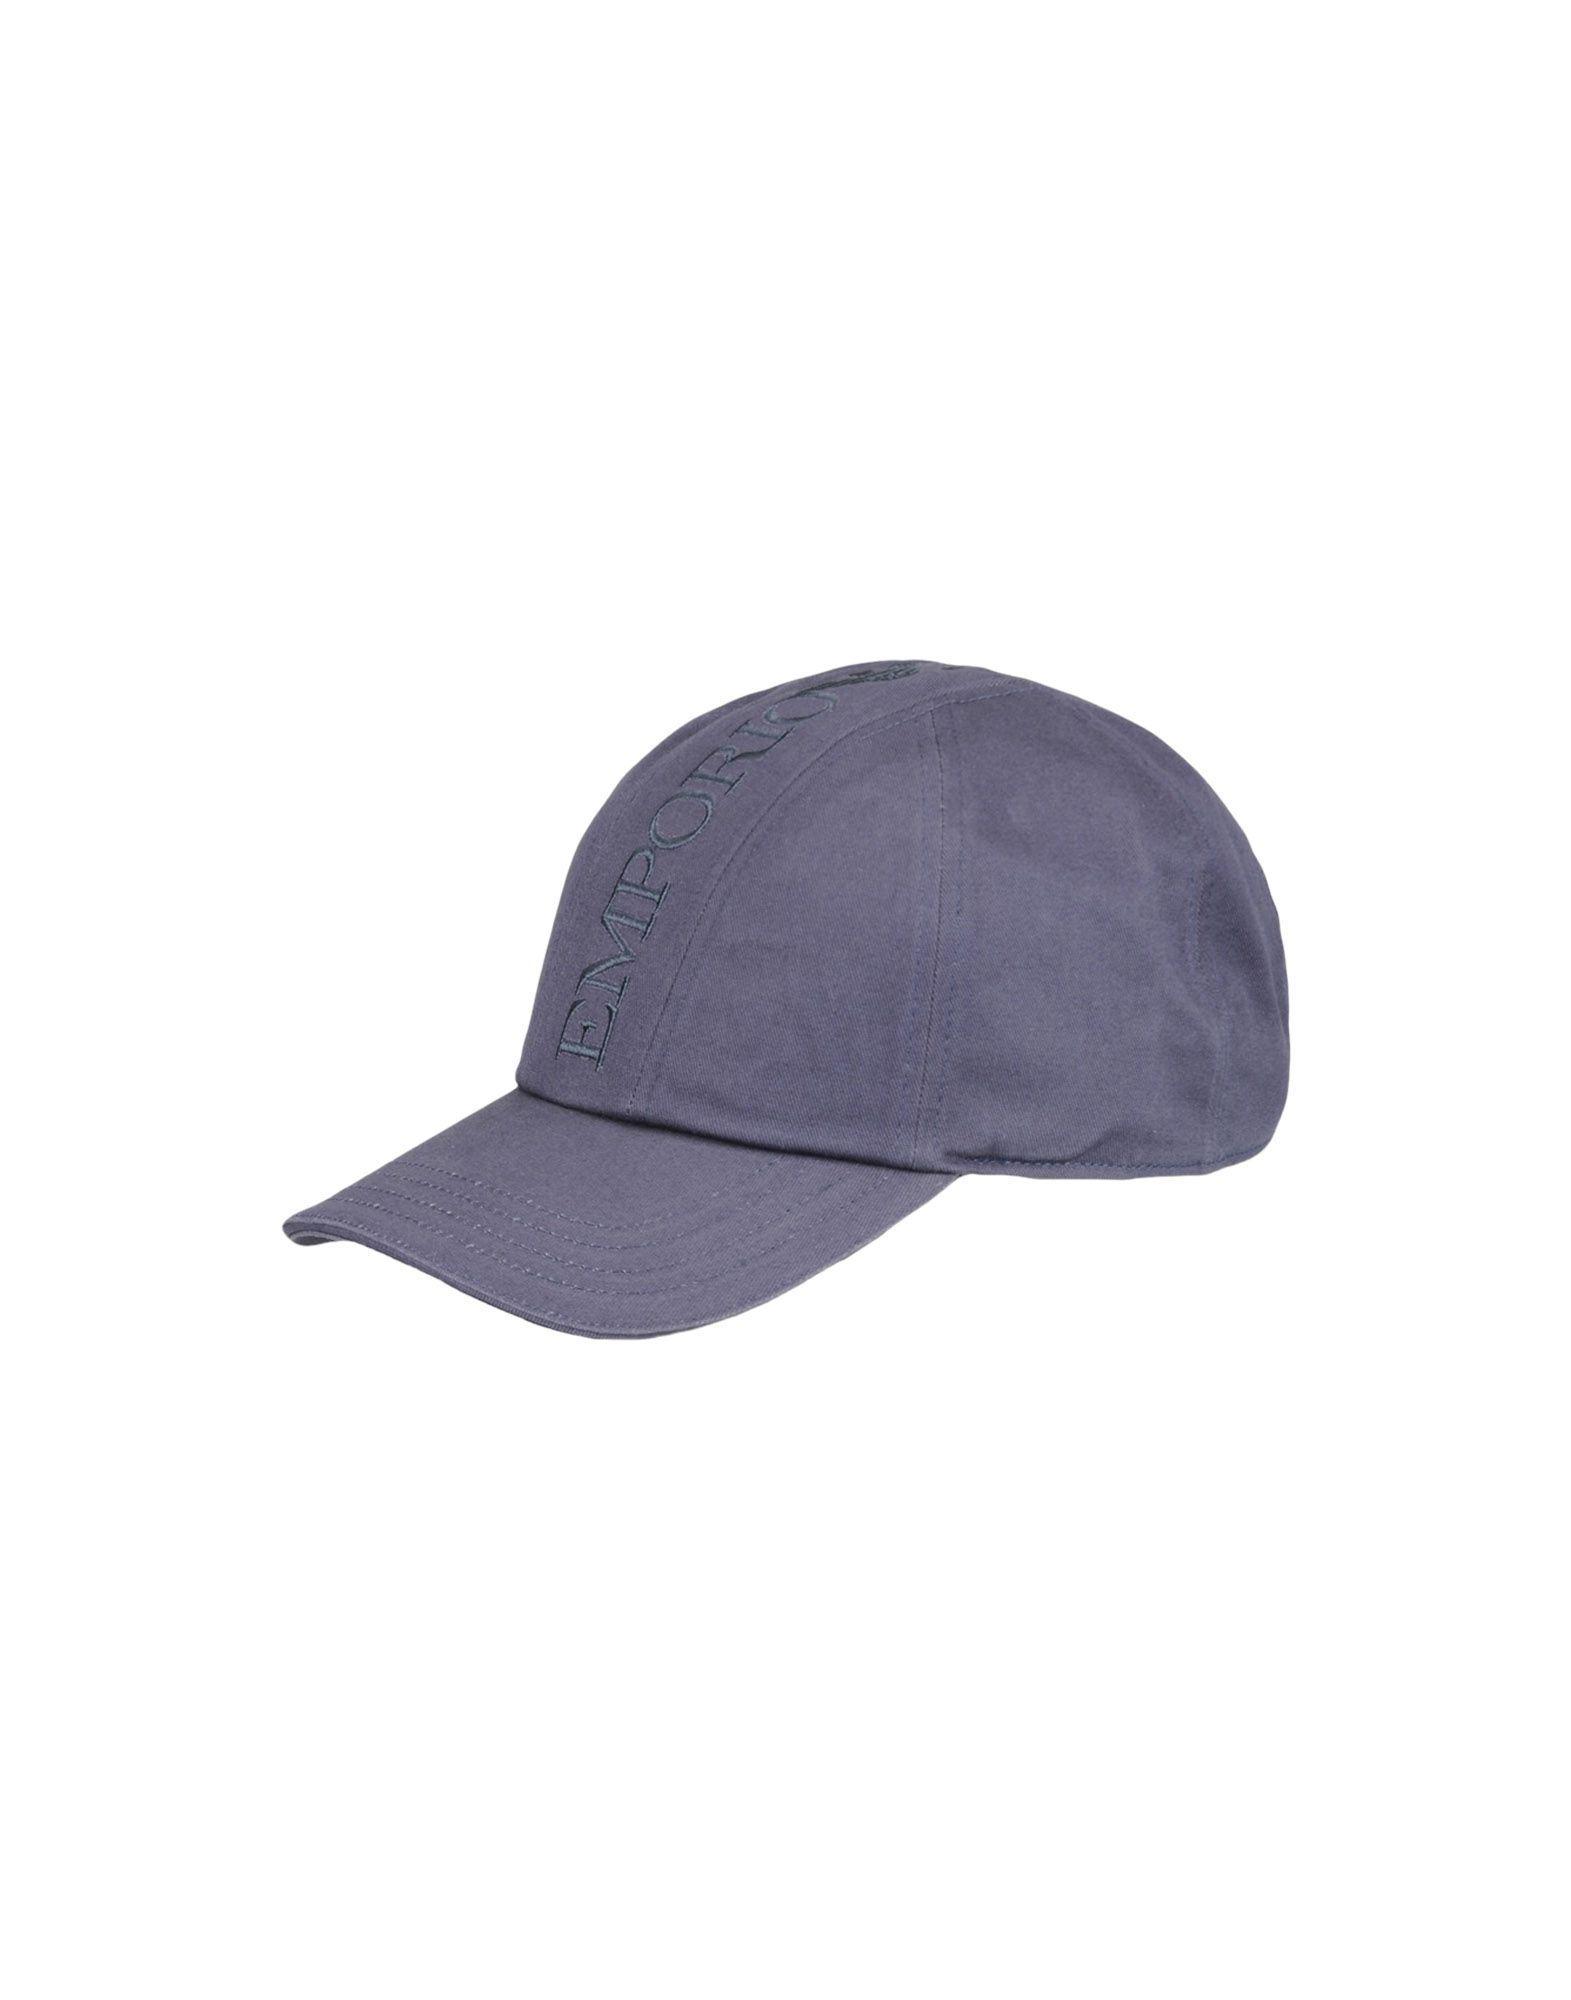 fb9da8b460f Emporio Armani Hat in Blue for Men - Lyst